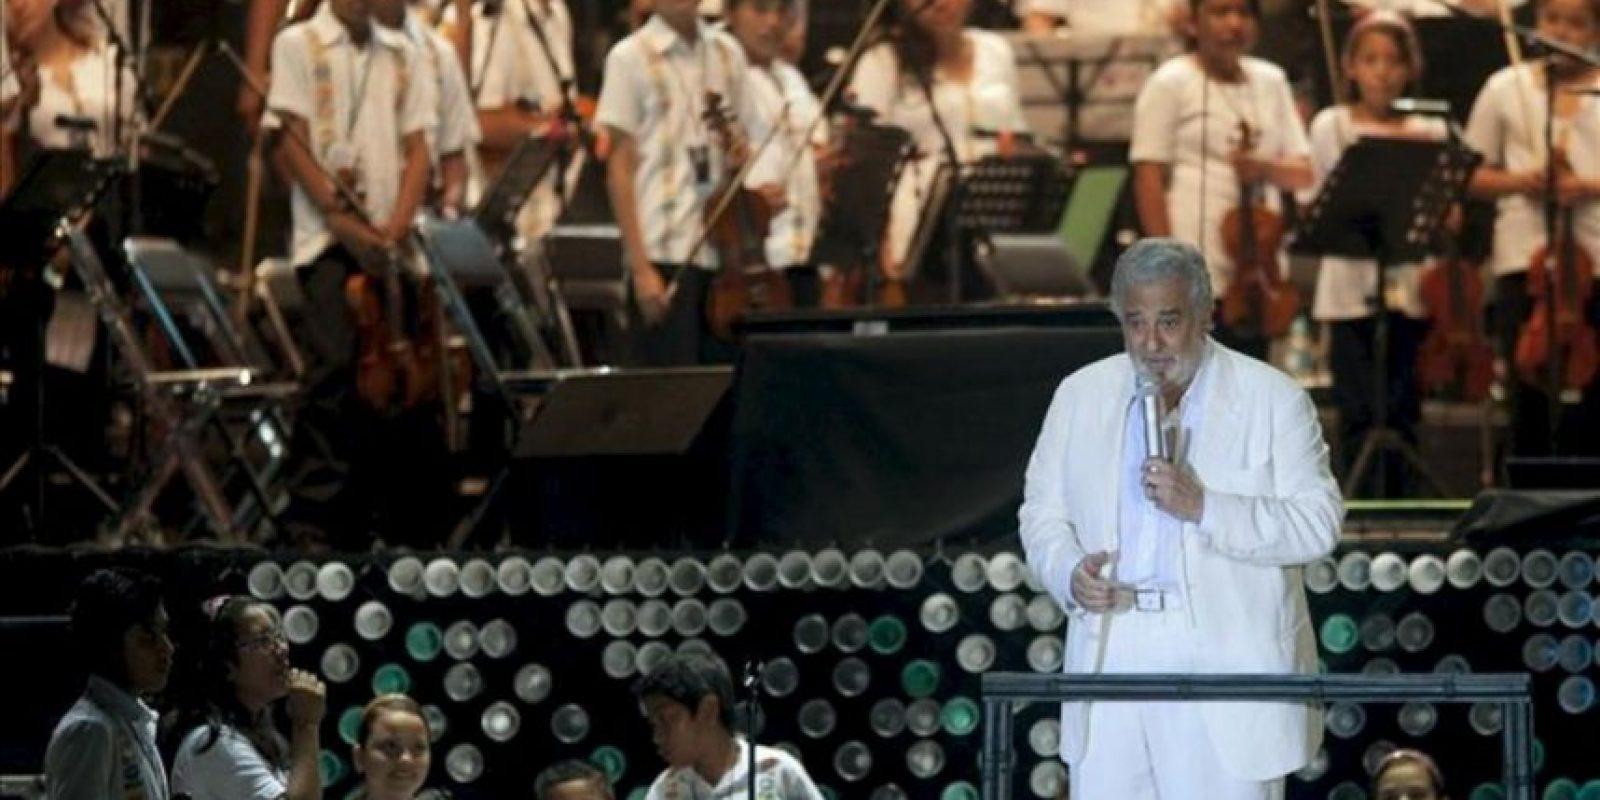 El tenor español Plácido Domingo participa este sábado 29 de diciembre de 2012, en una presentación en Playa Tamarindos, en el puerto mexicano de Acapulco, a beneficio de las Orquestas Infantiles de Guerrero. EFE